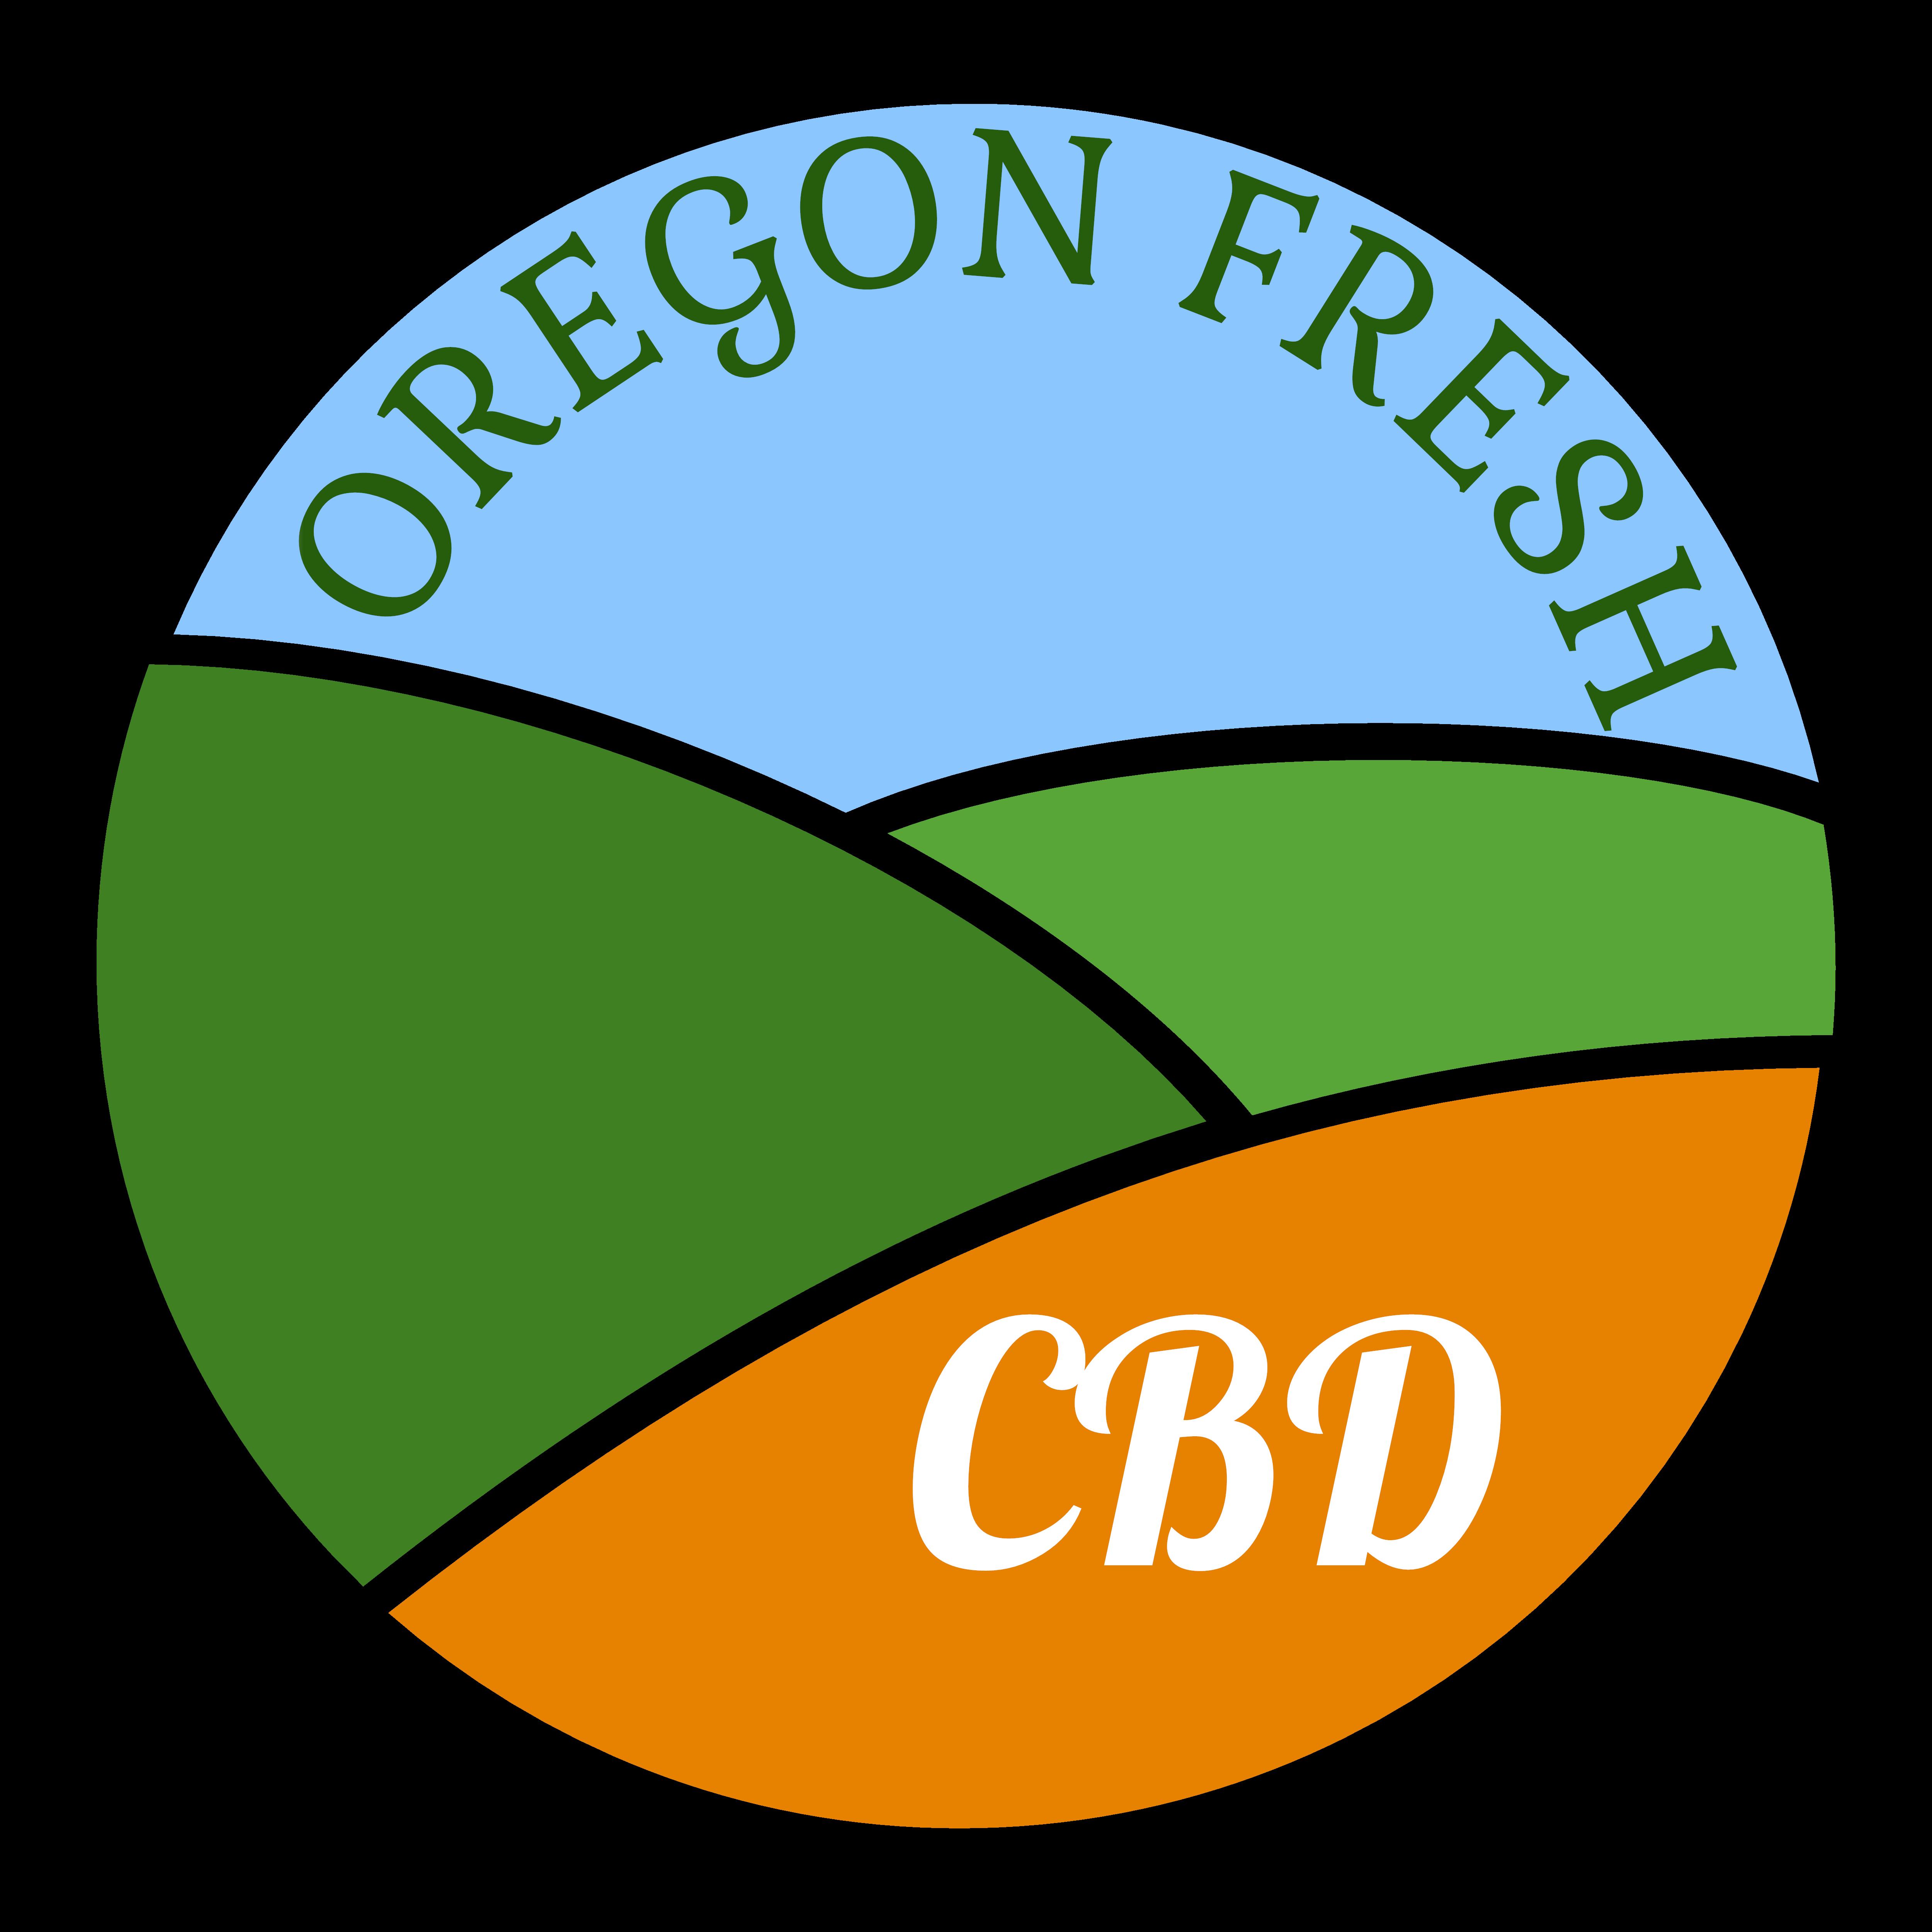 Oregon Fresh CBD